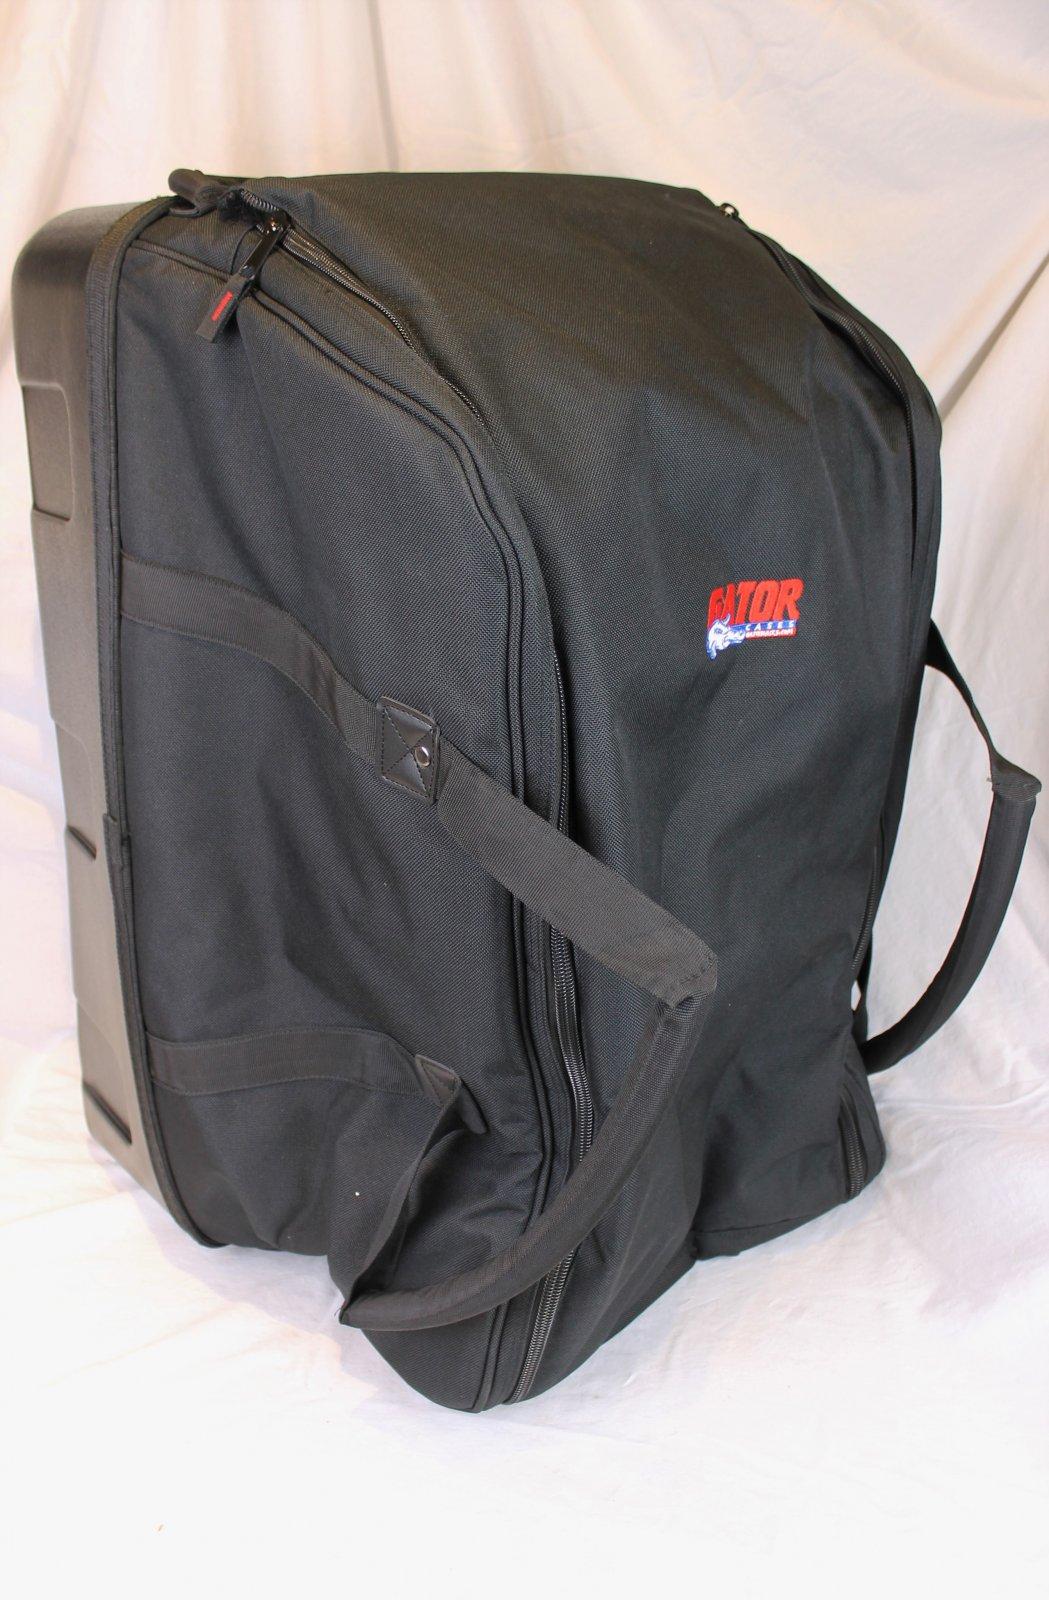 Gator Deluxe 15 Rolling Speaker Bag